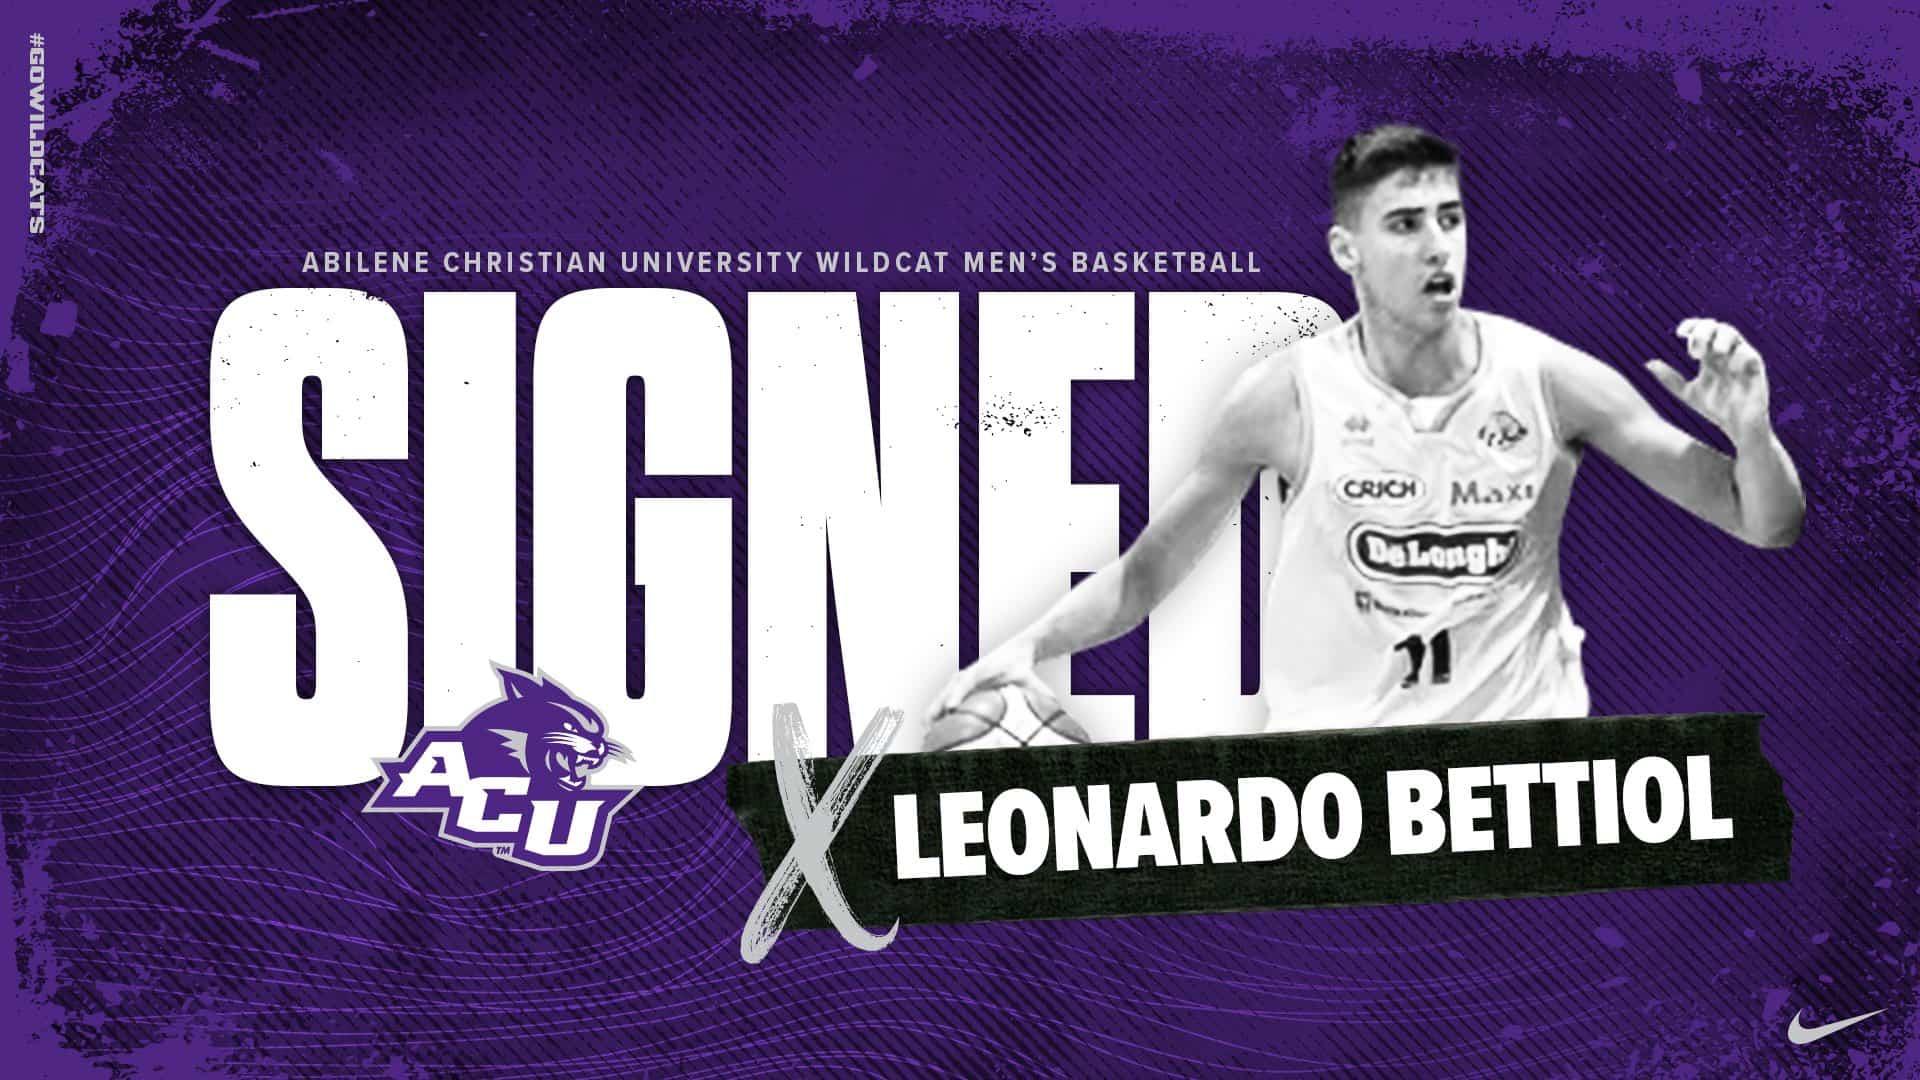 Leonardo Bettiol Abilene Christian